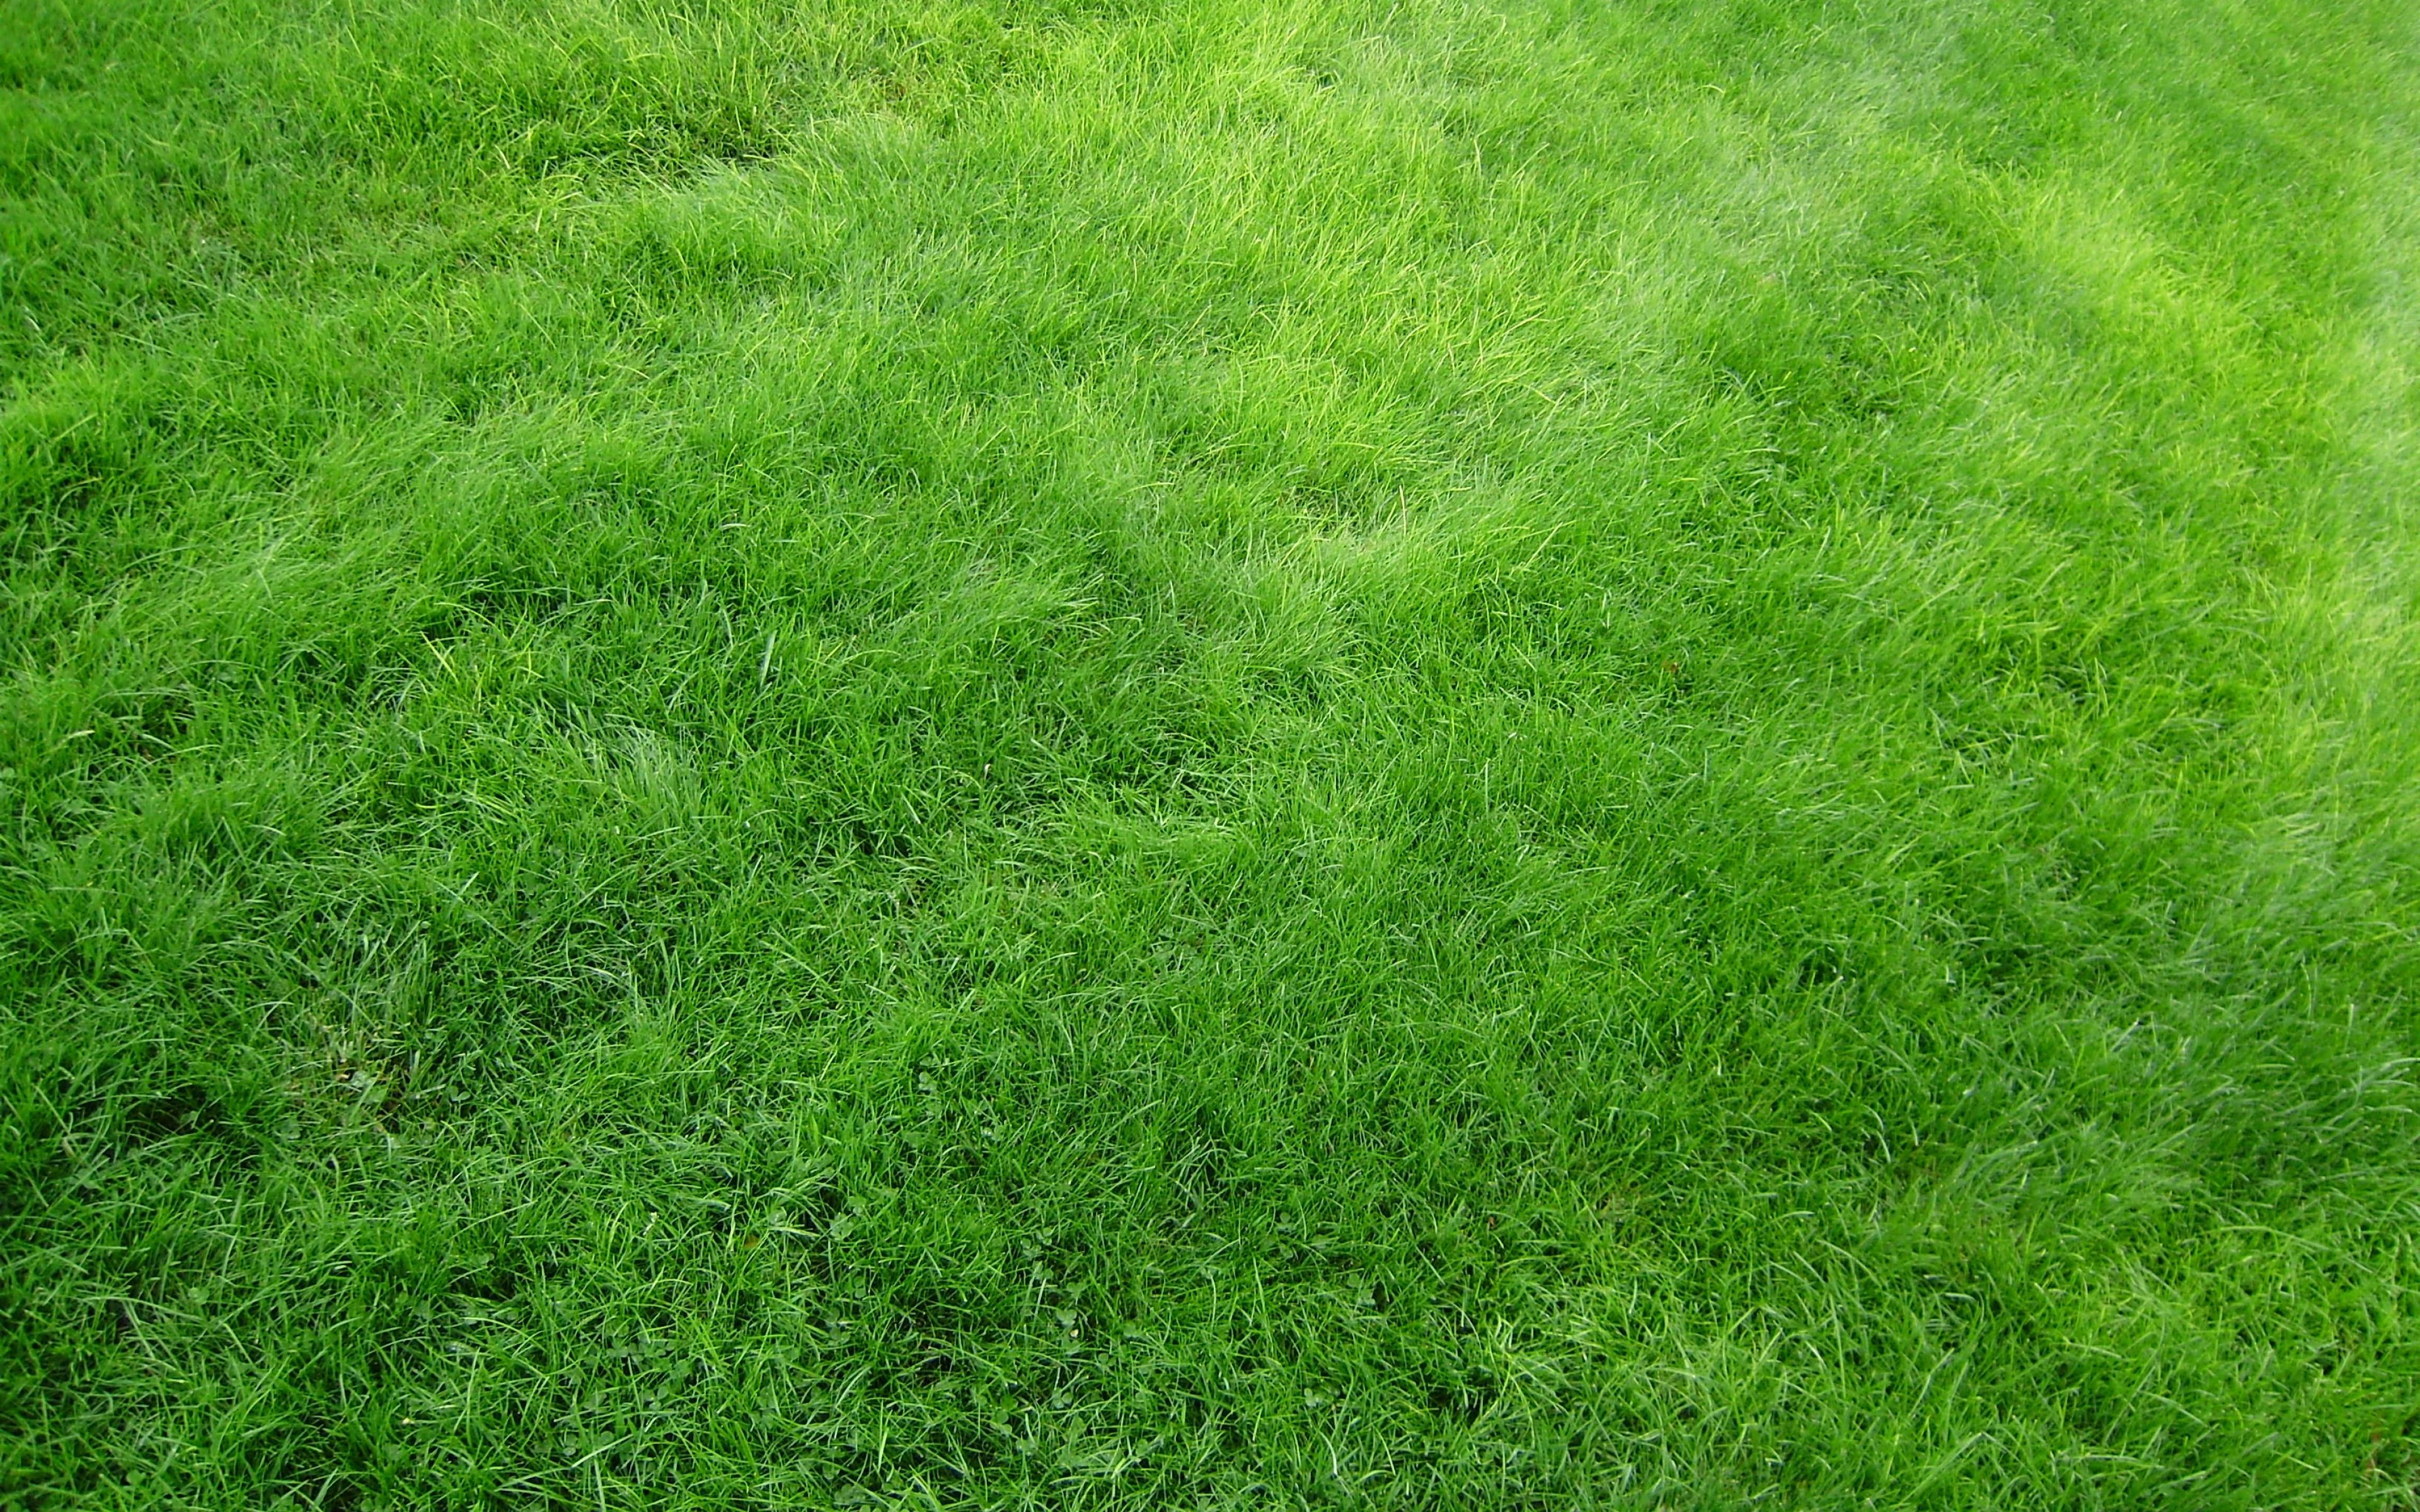 4k Wallpaper Grass Wallpapersafari HD Wallpapers Download Free Images Wallpaper [1000image.com]